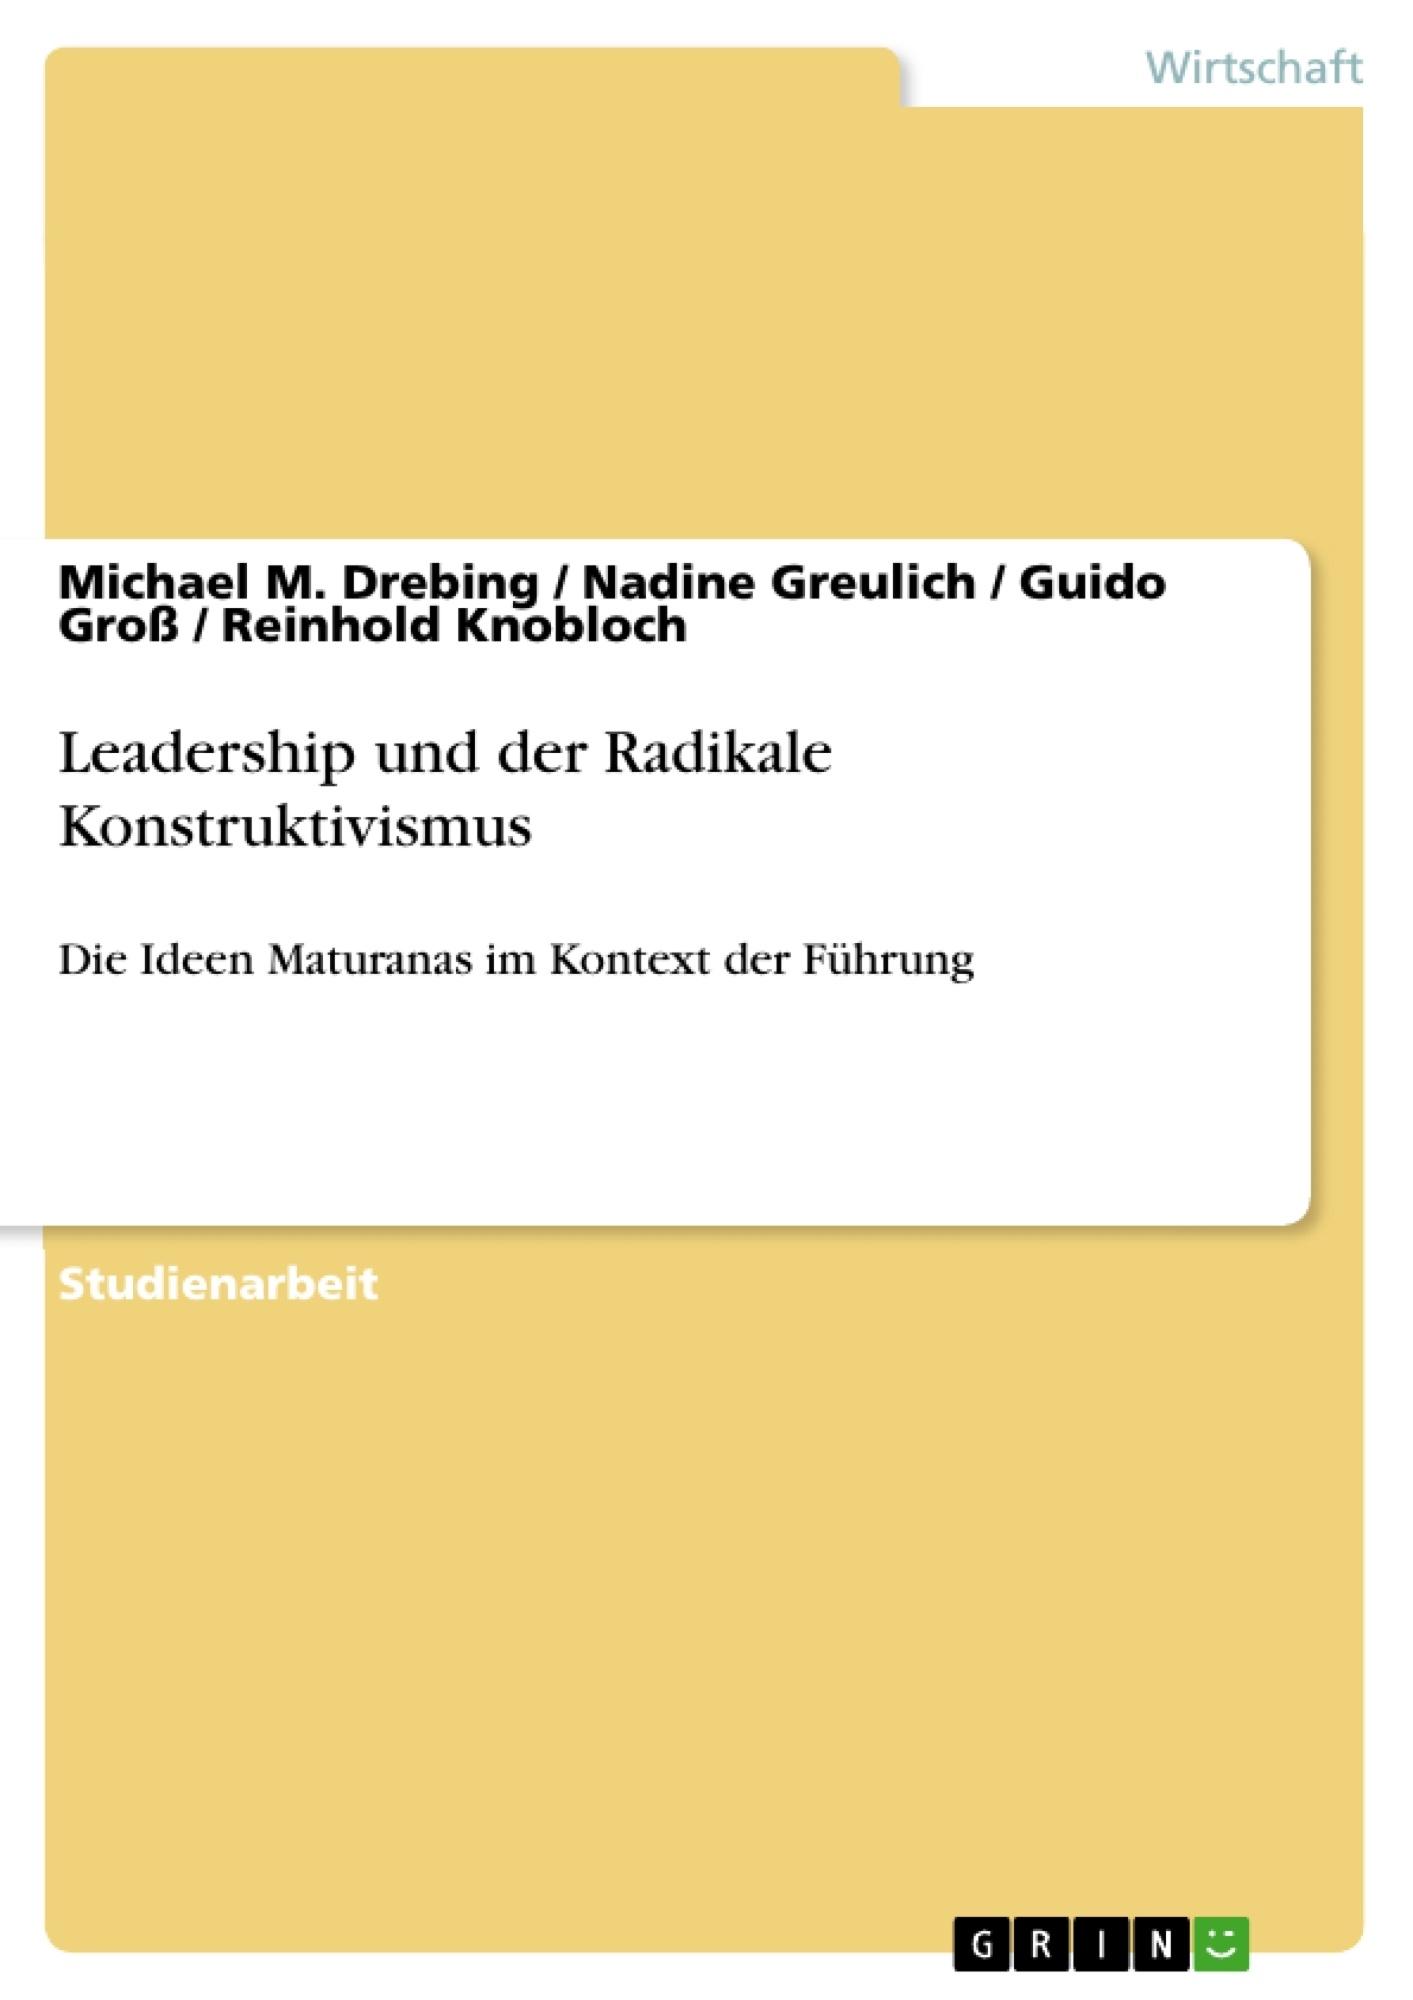 Titel: Leadership und der Radikale Konstruktivismus